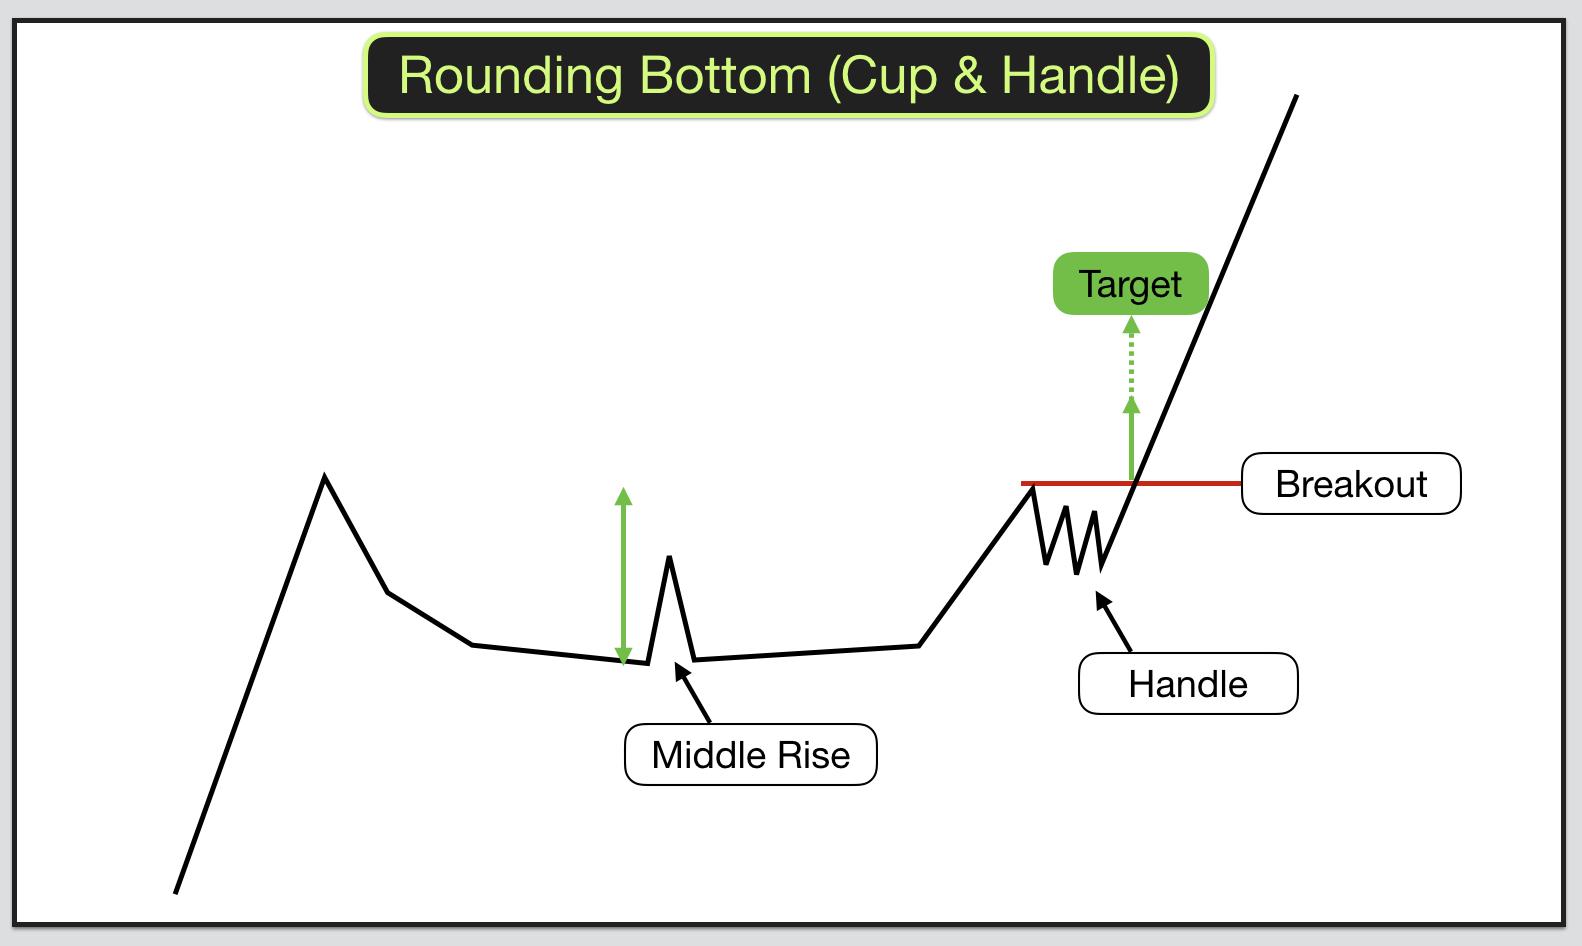 Rounding Bottoms